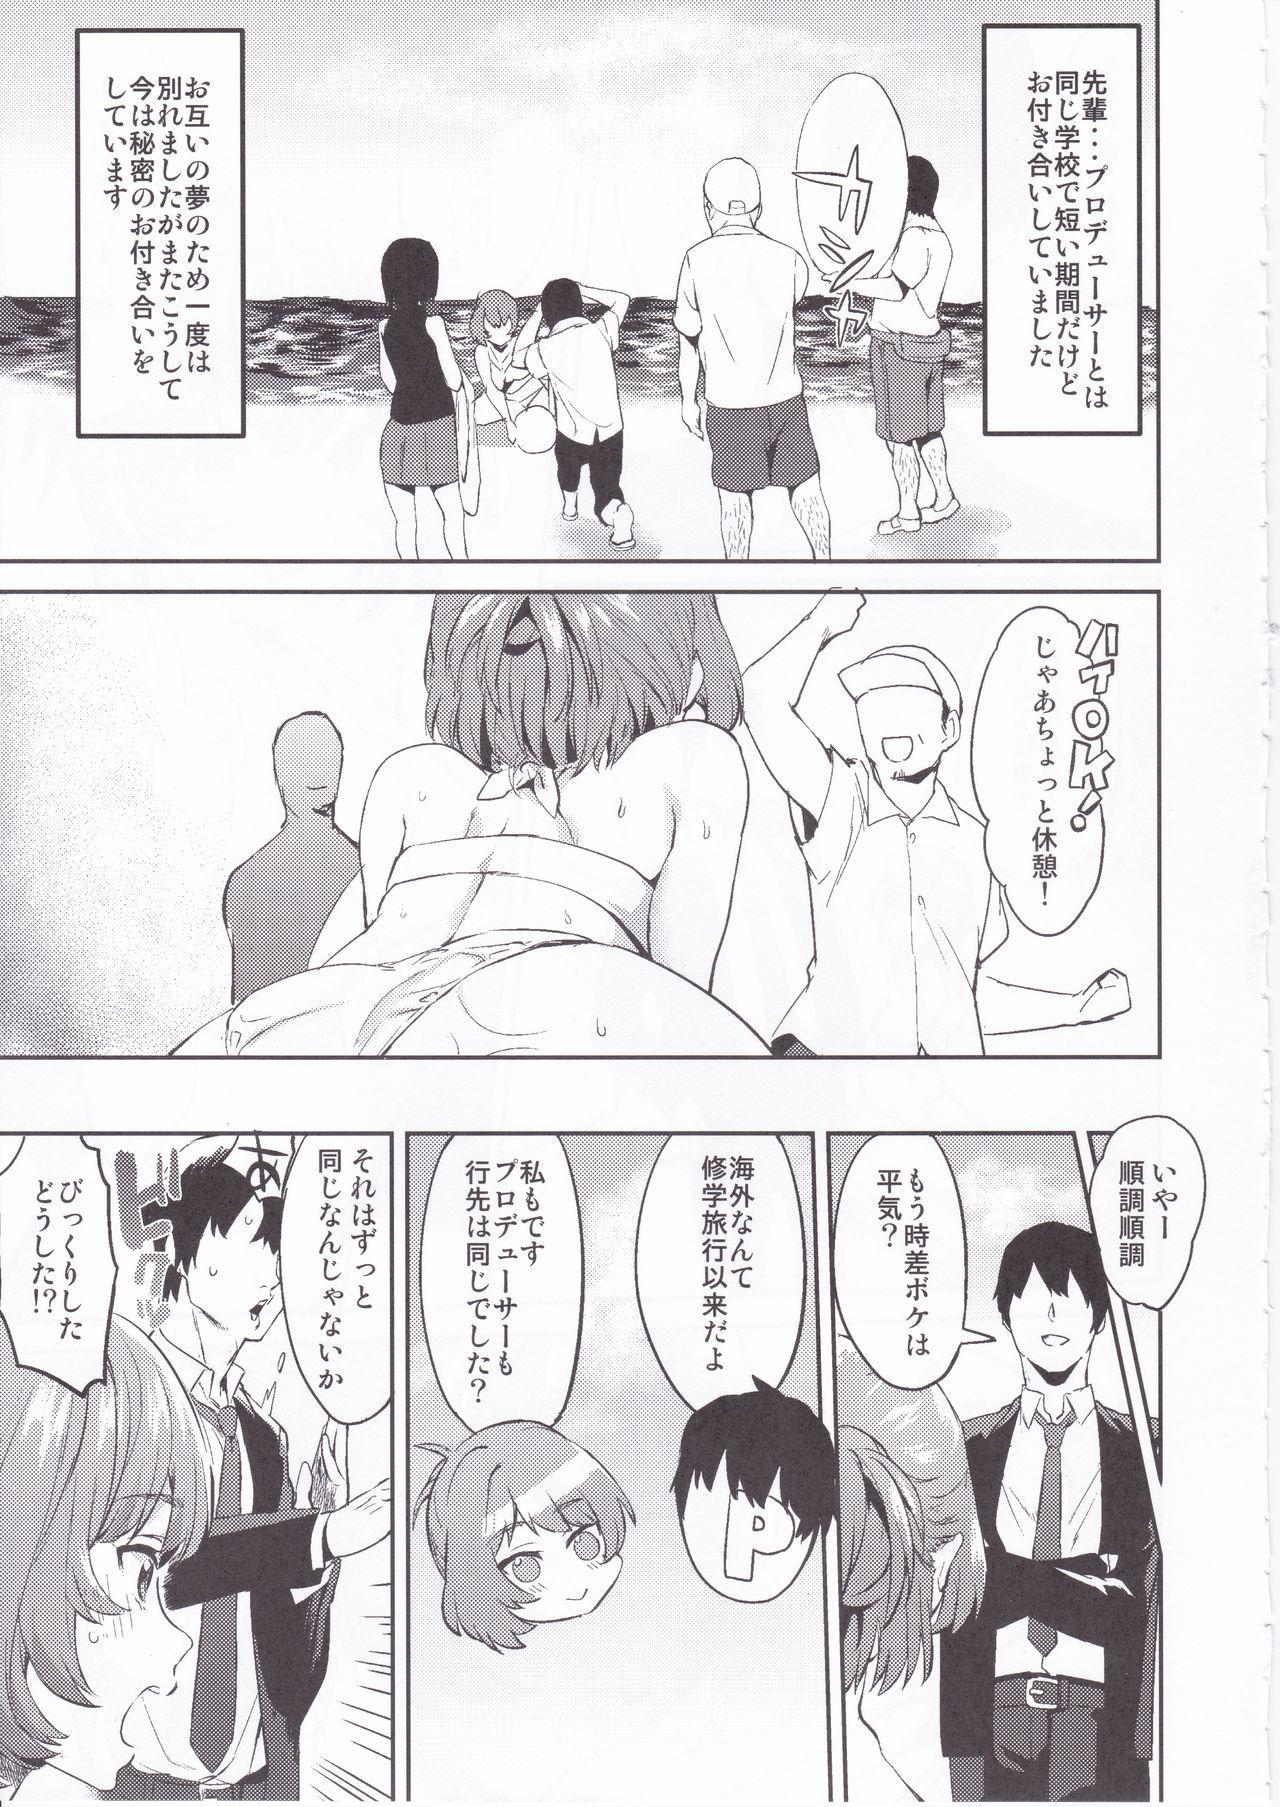 Kimi o Motto Suki ni Naru 6